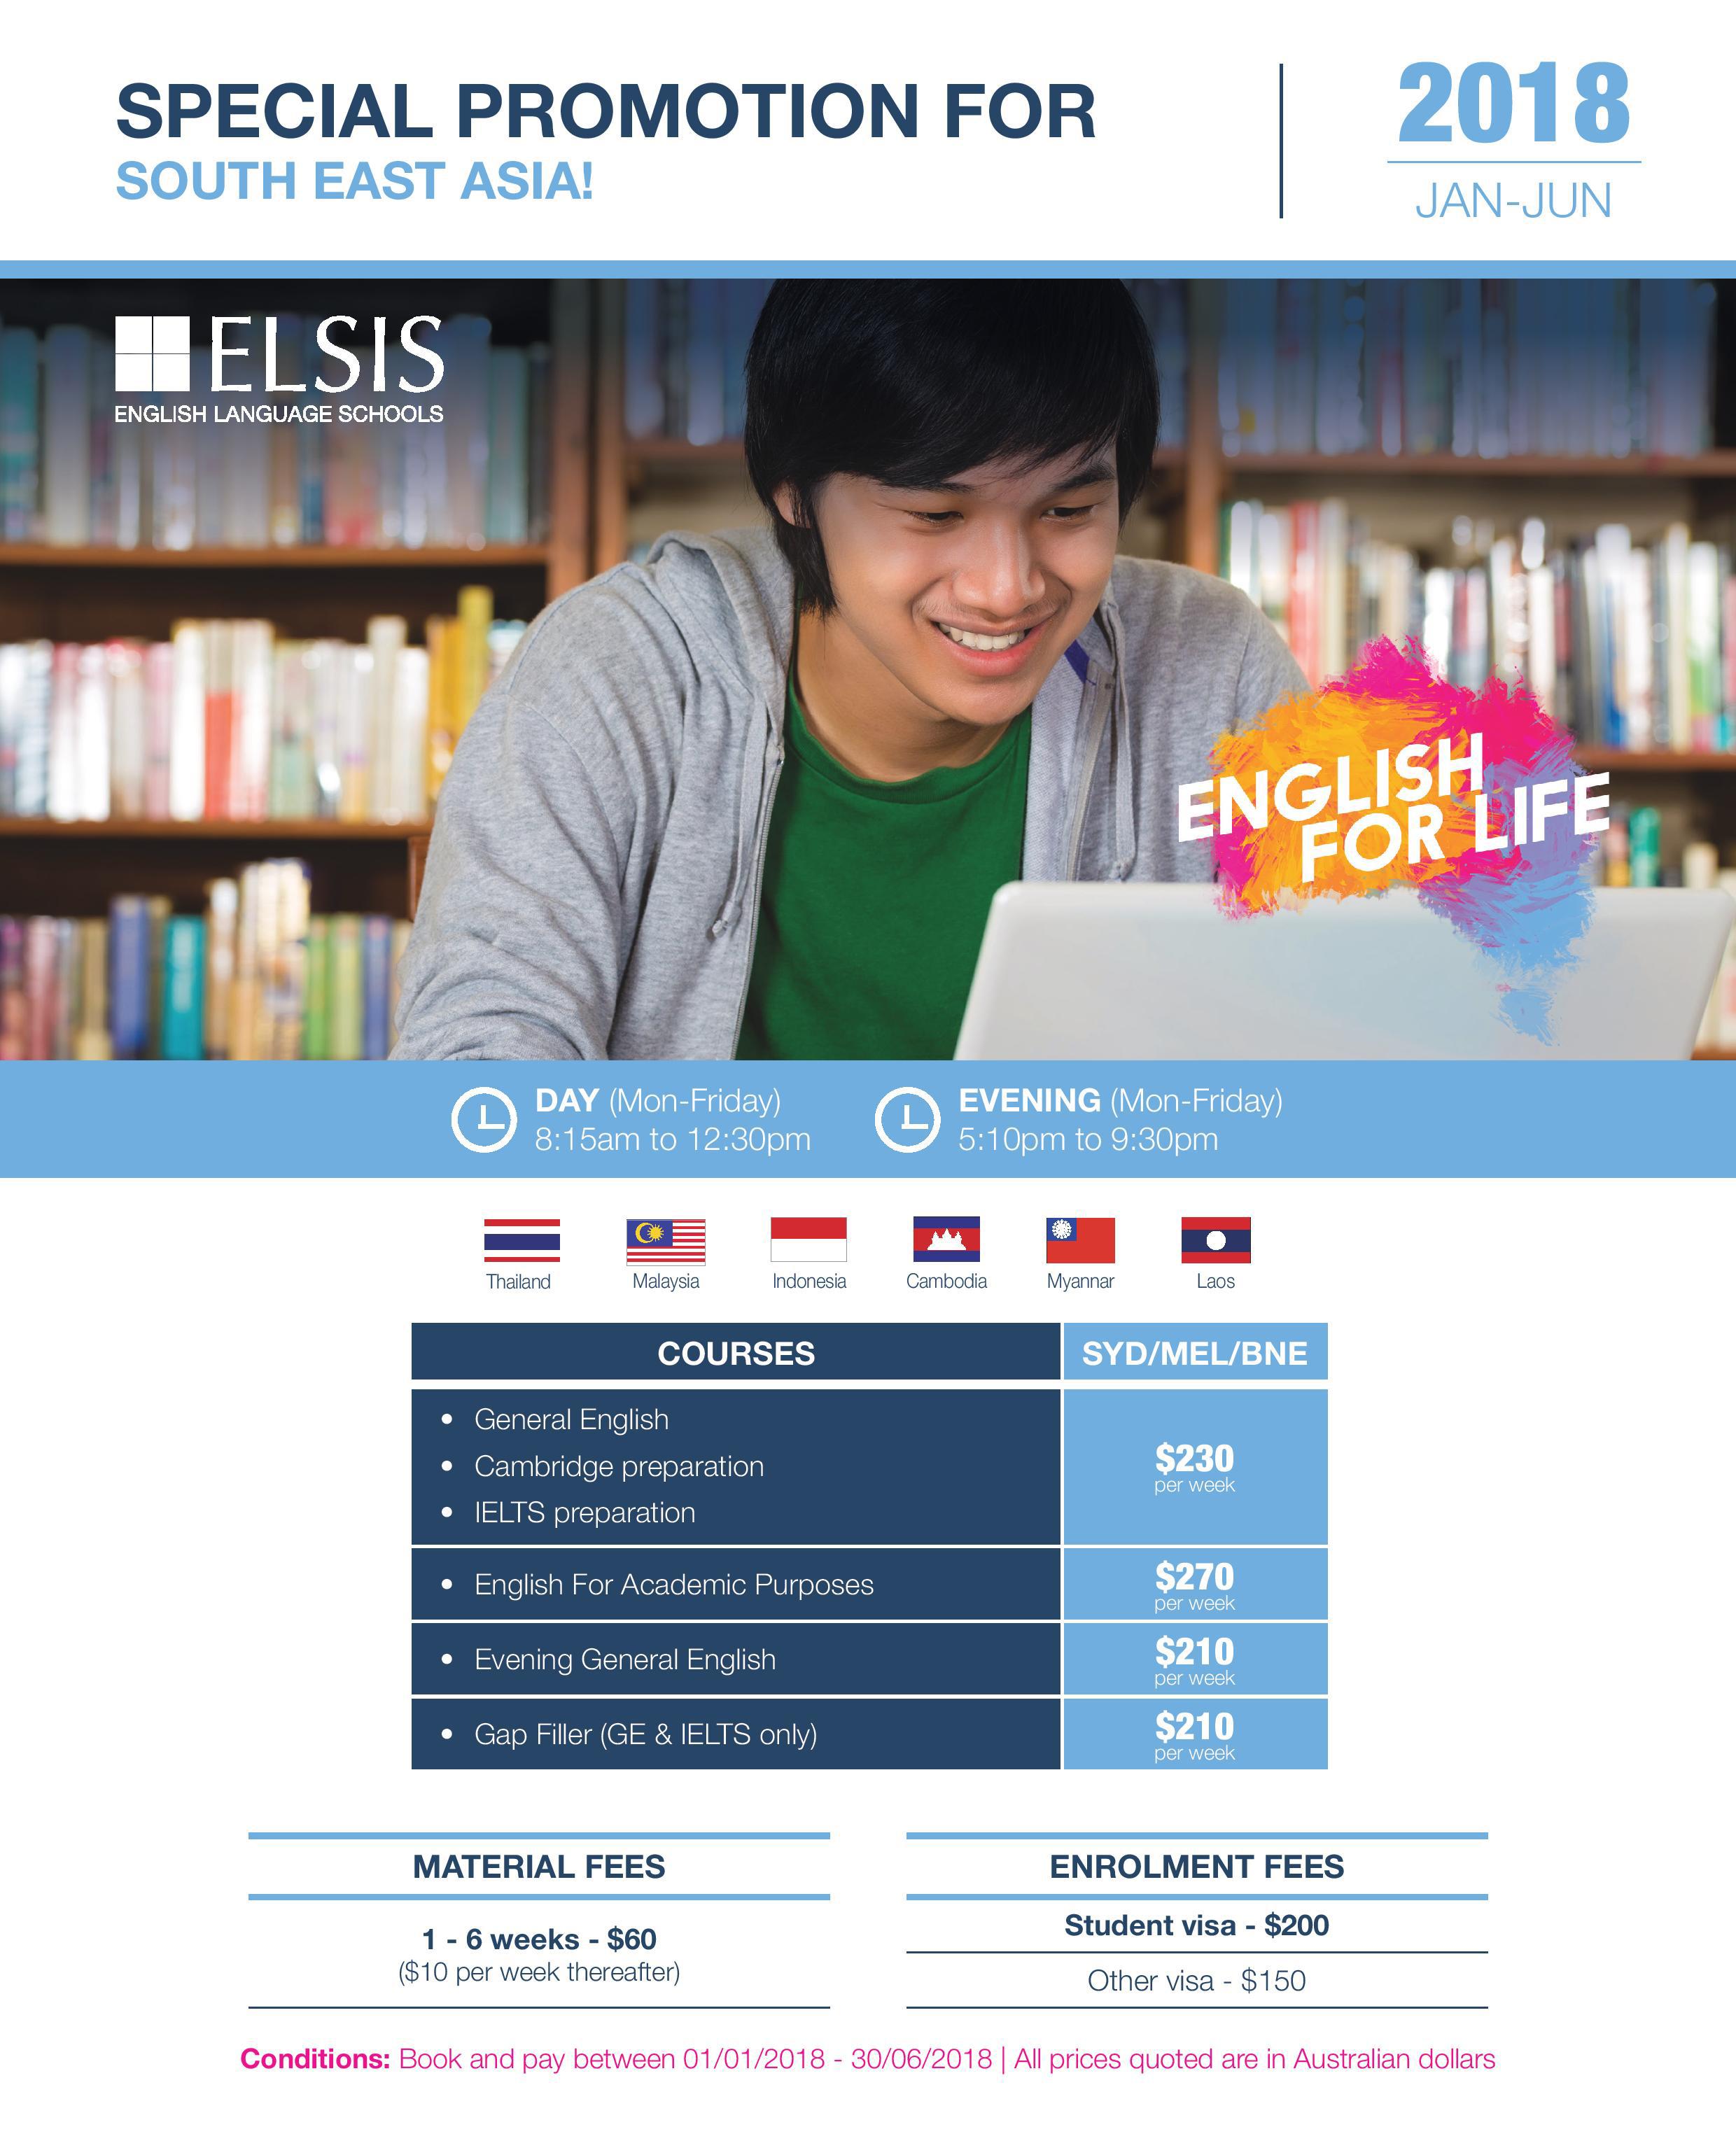 ELSIS: English Language School In Sydney